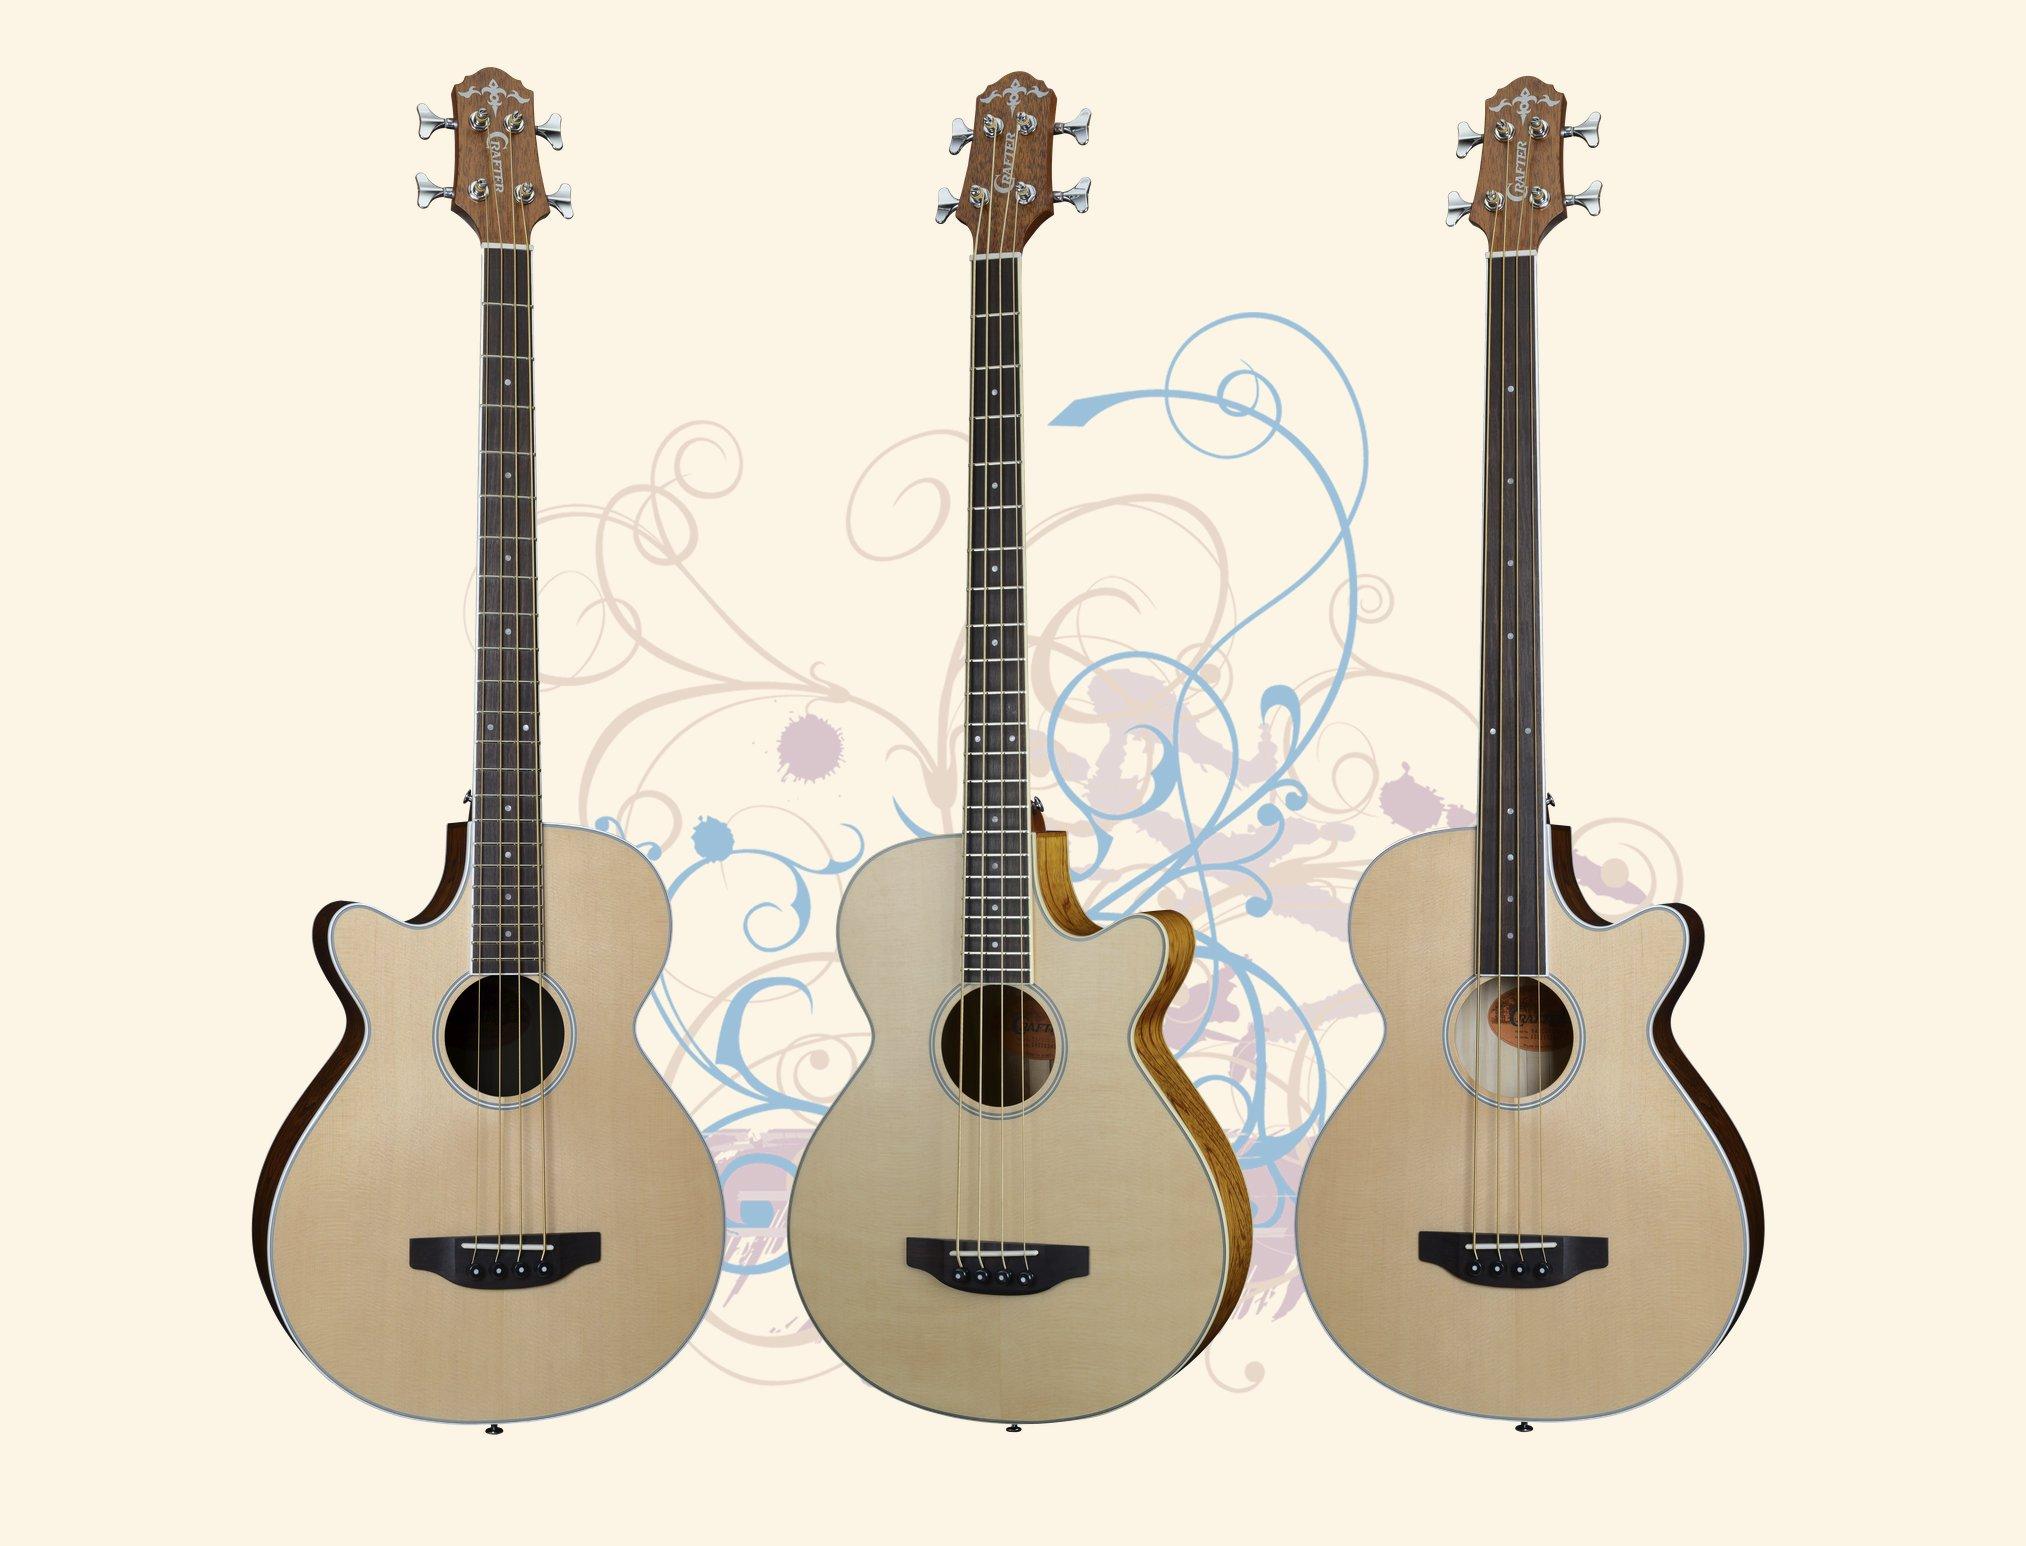 Crafter Bass Series Guitars